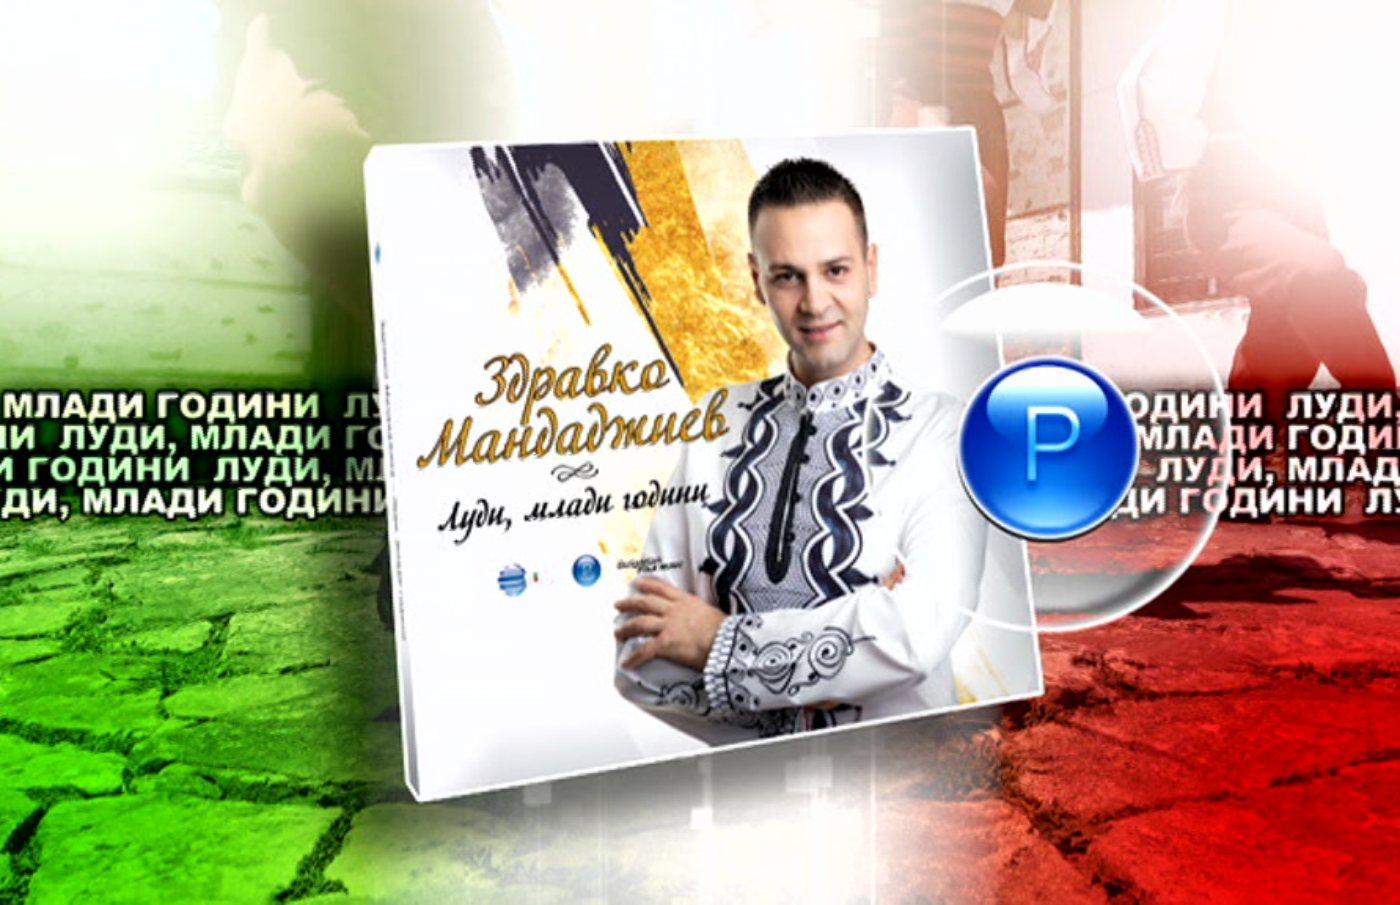 Новият албум на Здравко Мандаджиев вече е на музикалния пазар